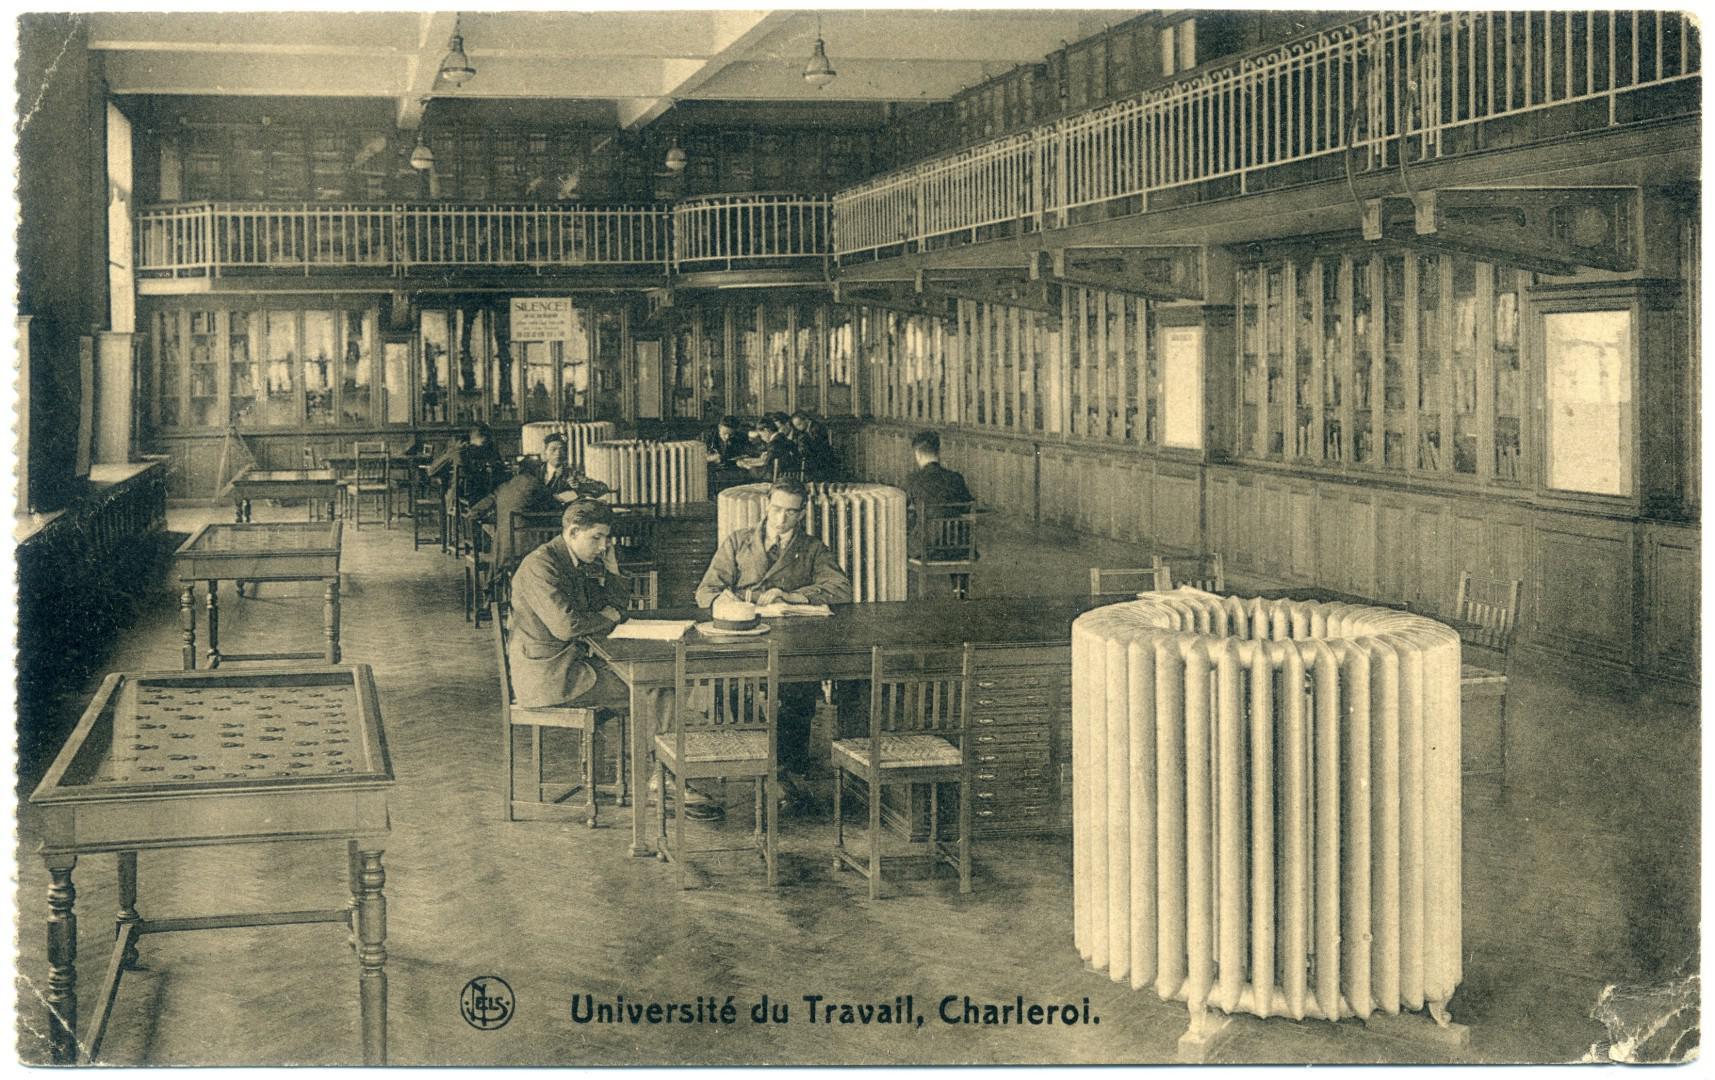 Charleroi: Université du Travail - Bibliothèque publique